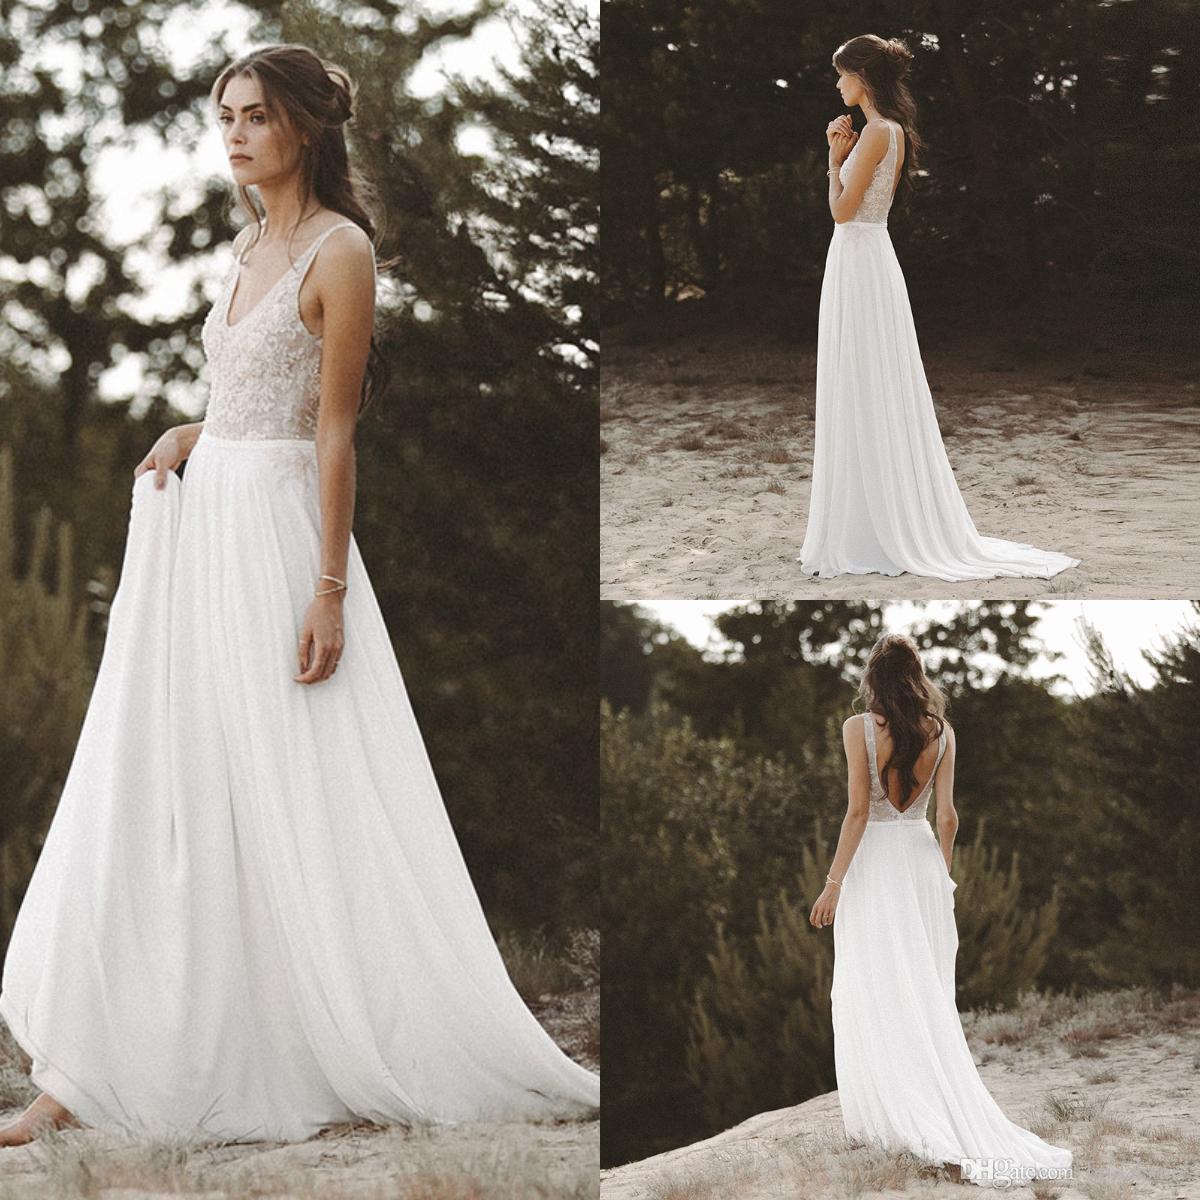 c3ead53a1fb3 Encaje Barato Blanco Boho Vestidos de Novia Para Playa Jardín Cucharada  Gasa Bohemio País Vestidos de Novia Para Mujeres Sexy de espalda baja robe  de ...